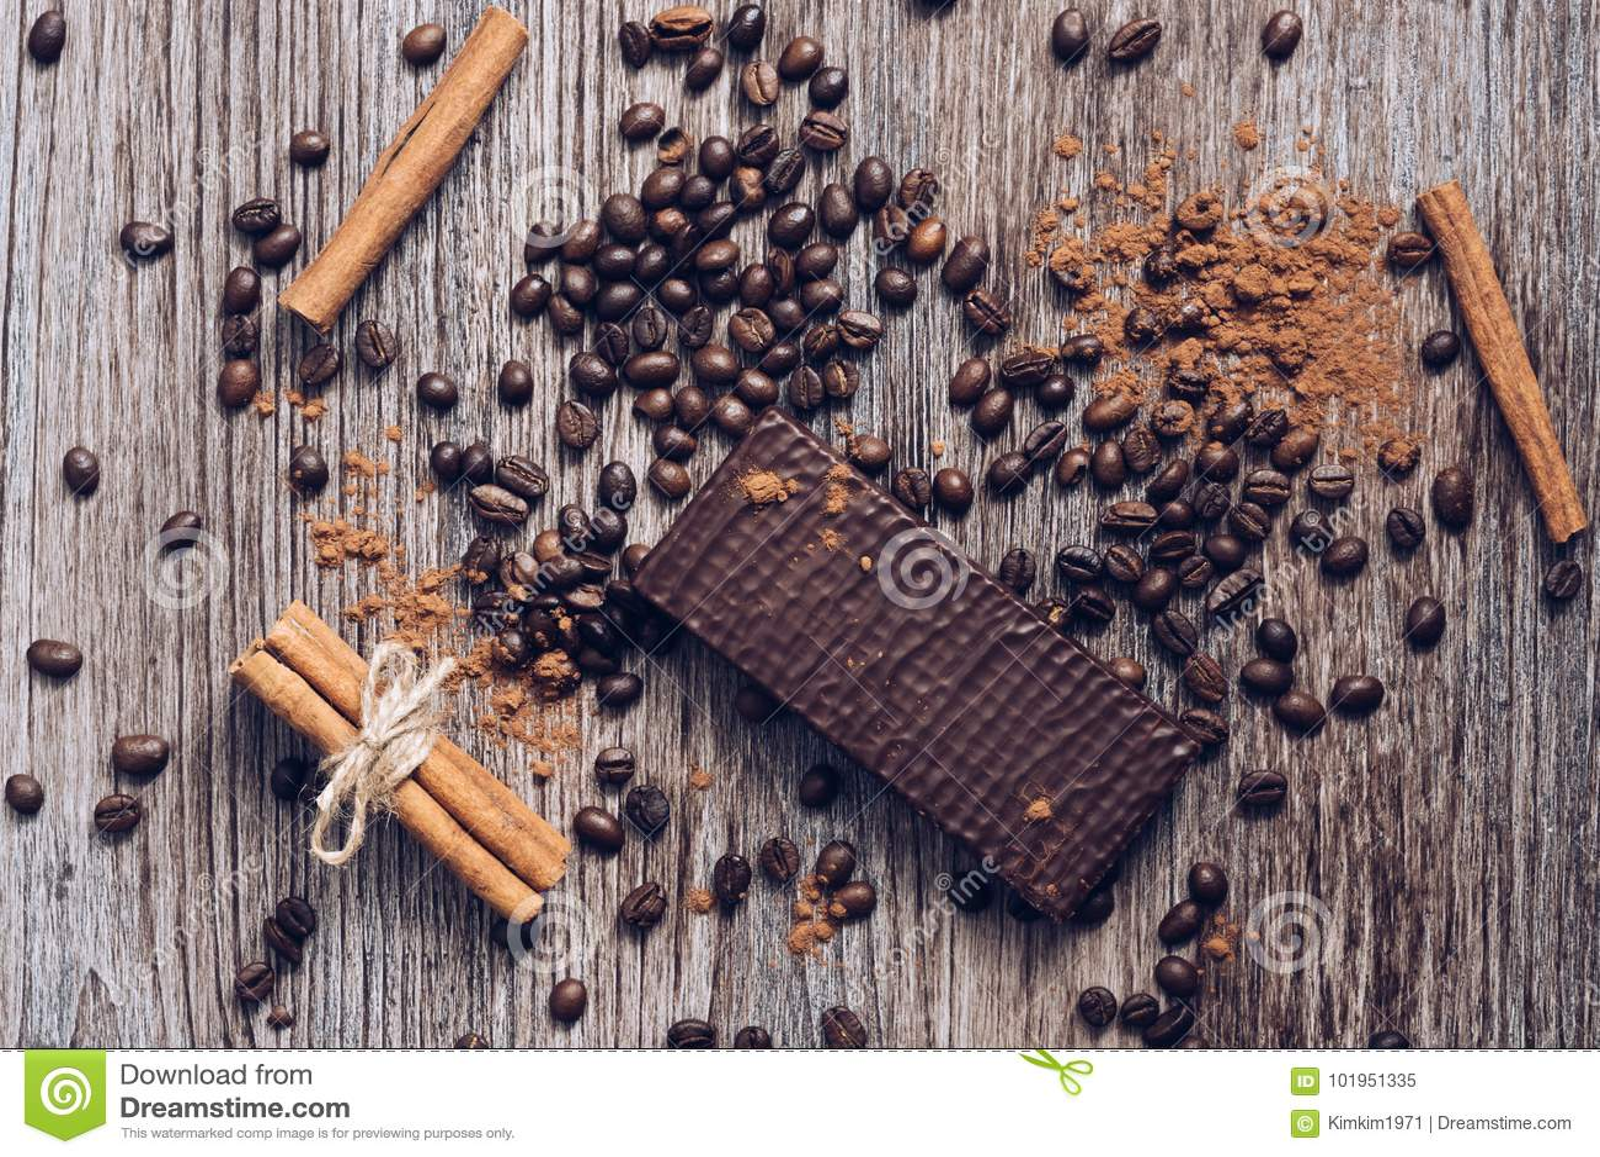 Вафли в шоколаде на деревянном столе с кофейными зернами и бурым порохом над взглядом